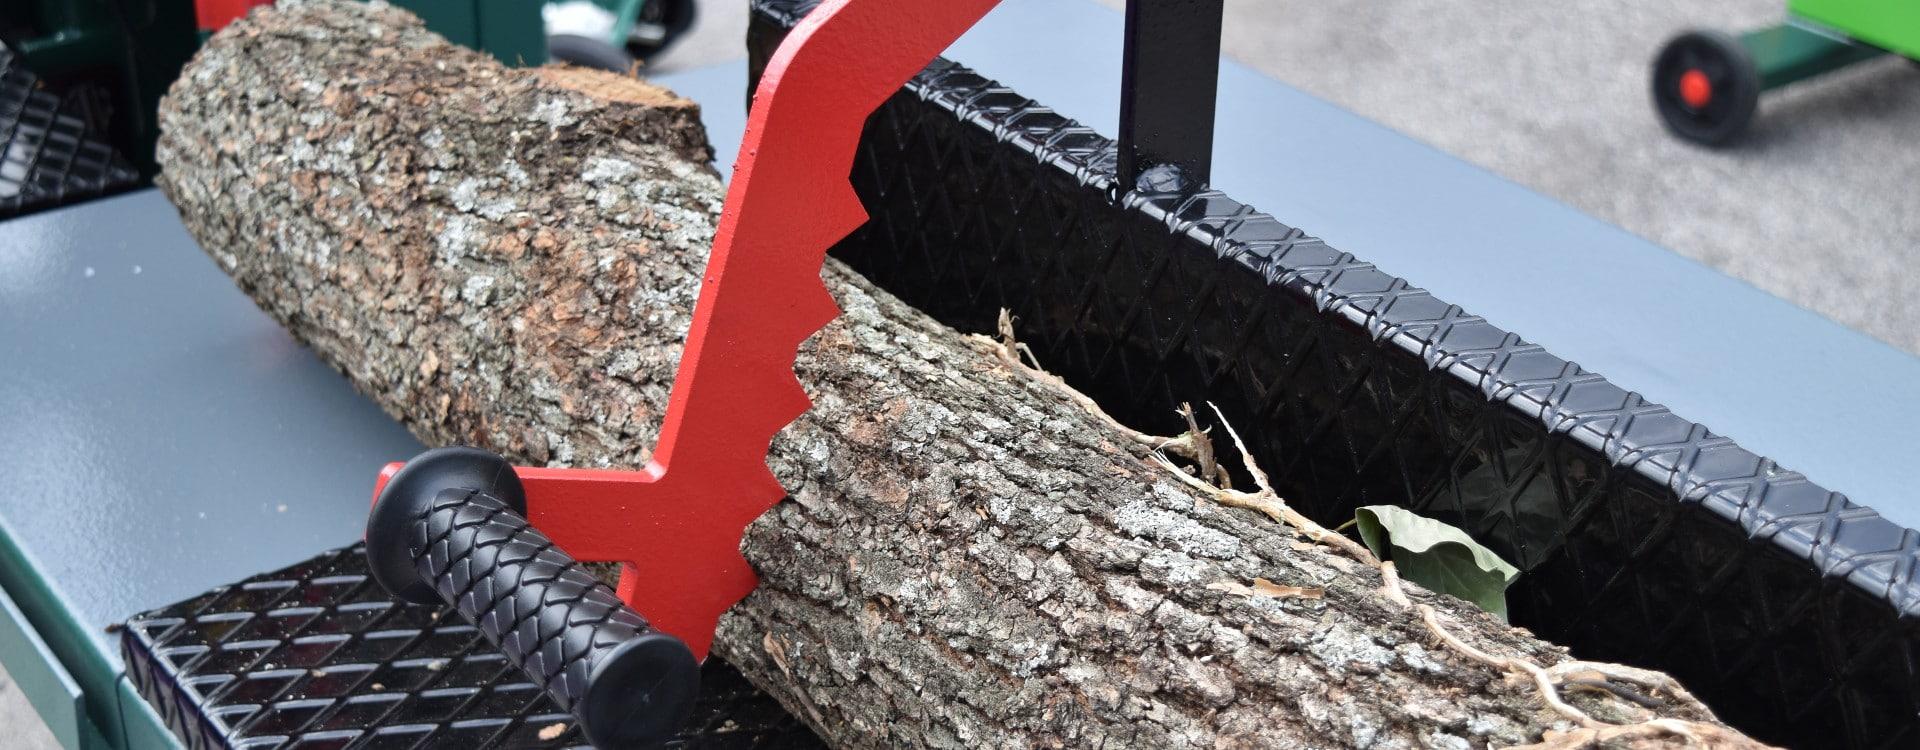 Macchine e attrezzature per lavori boschivi